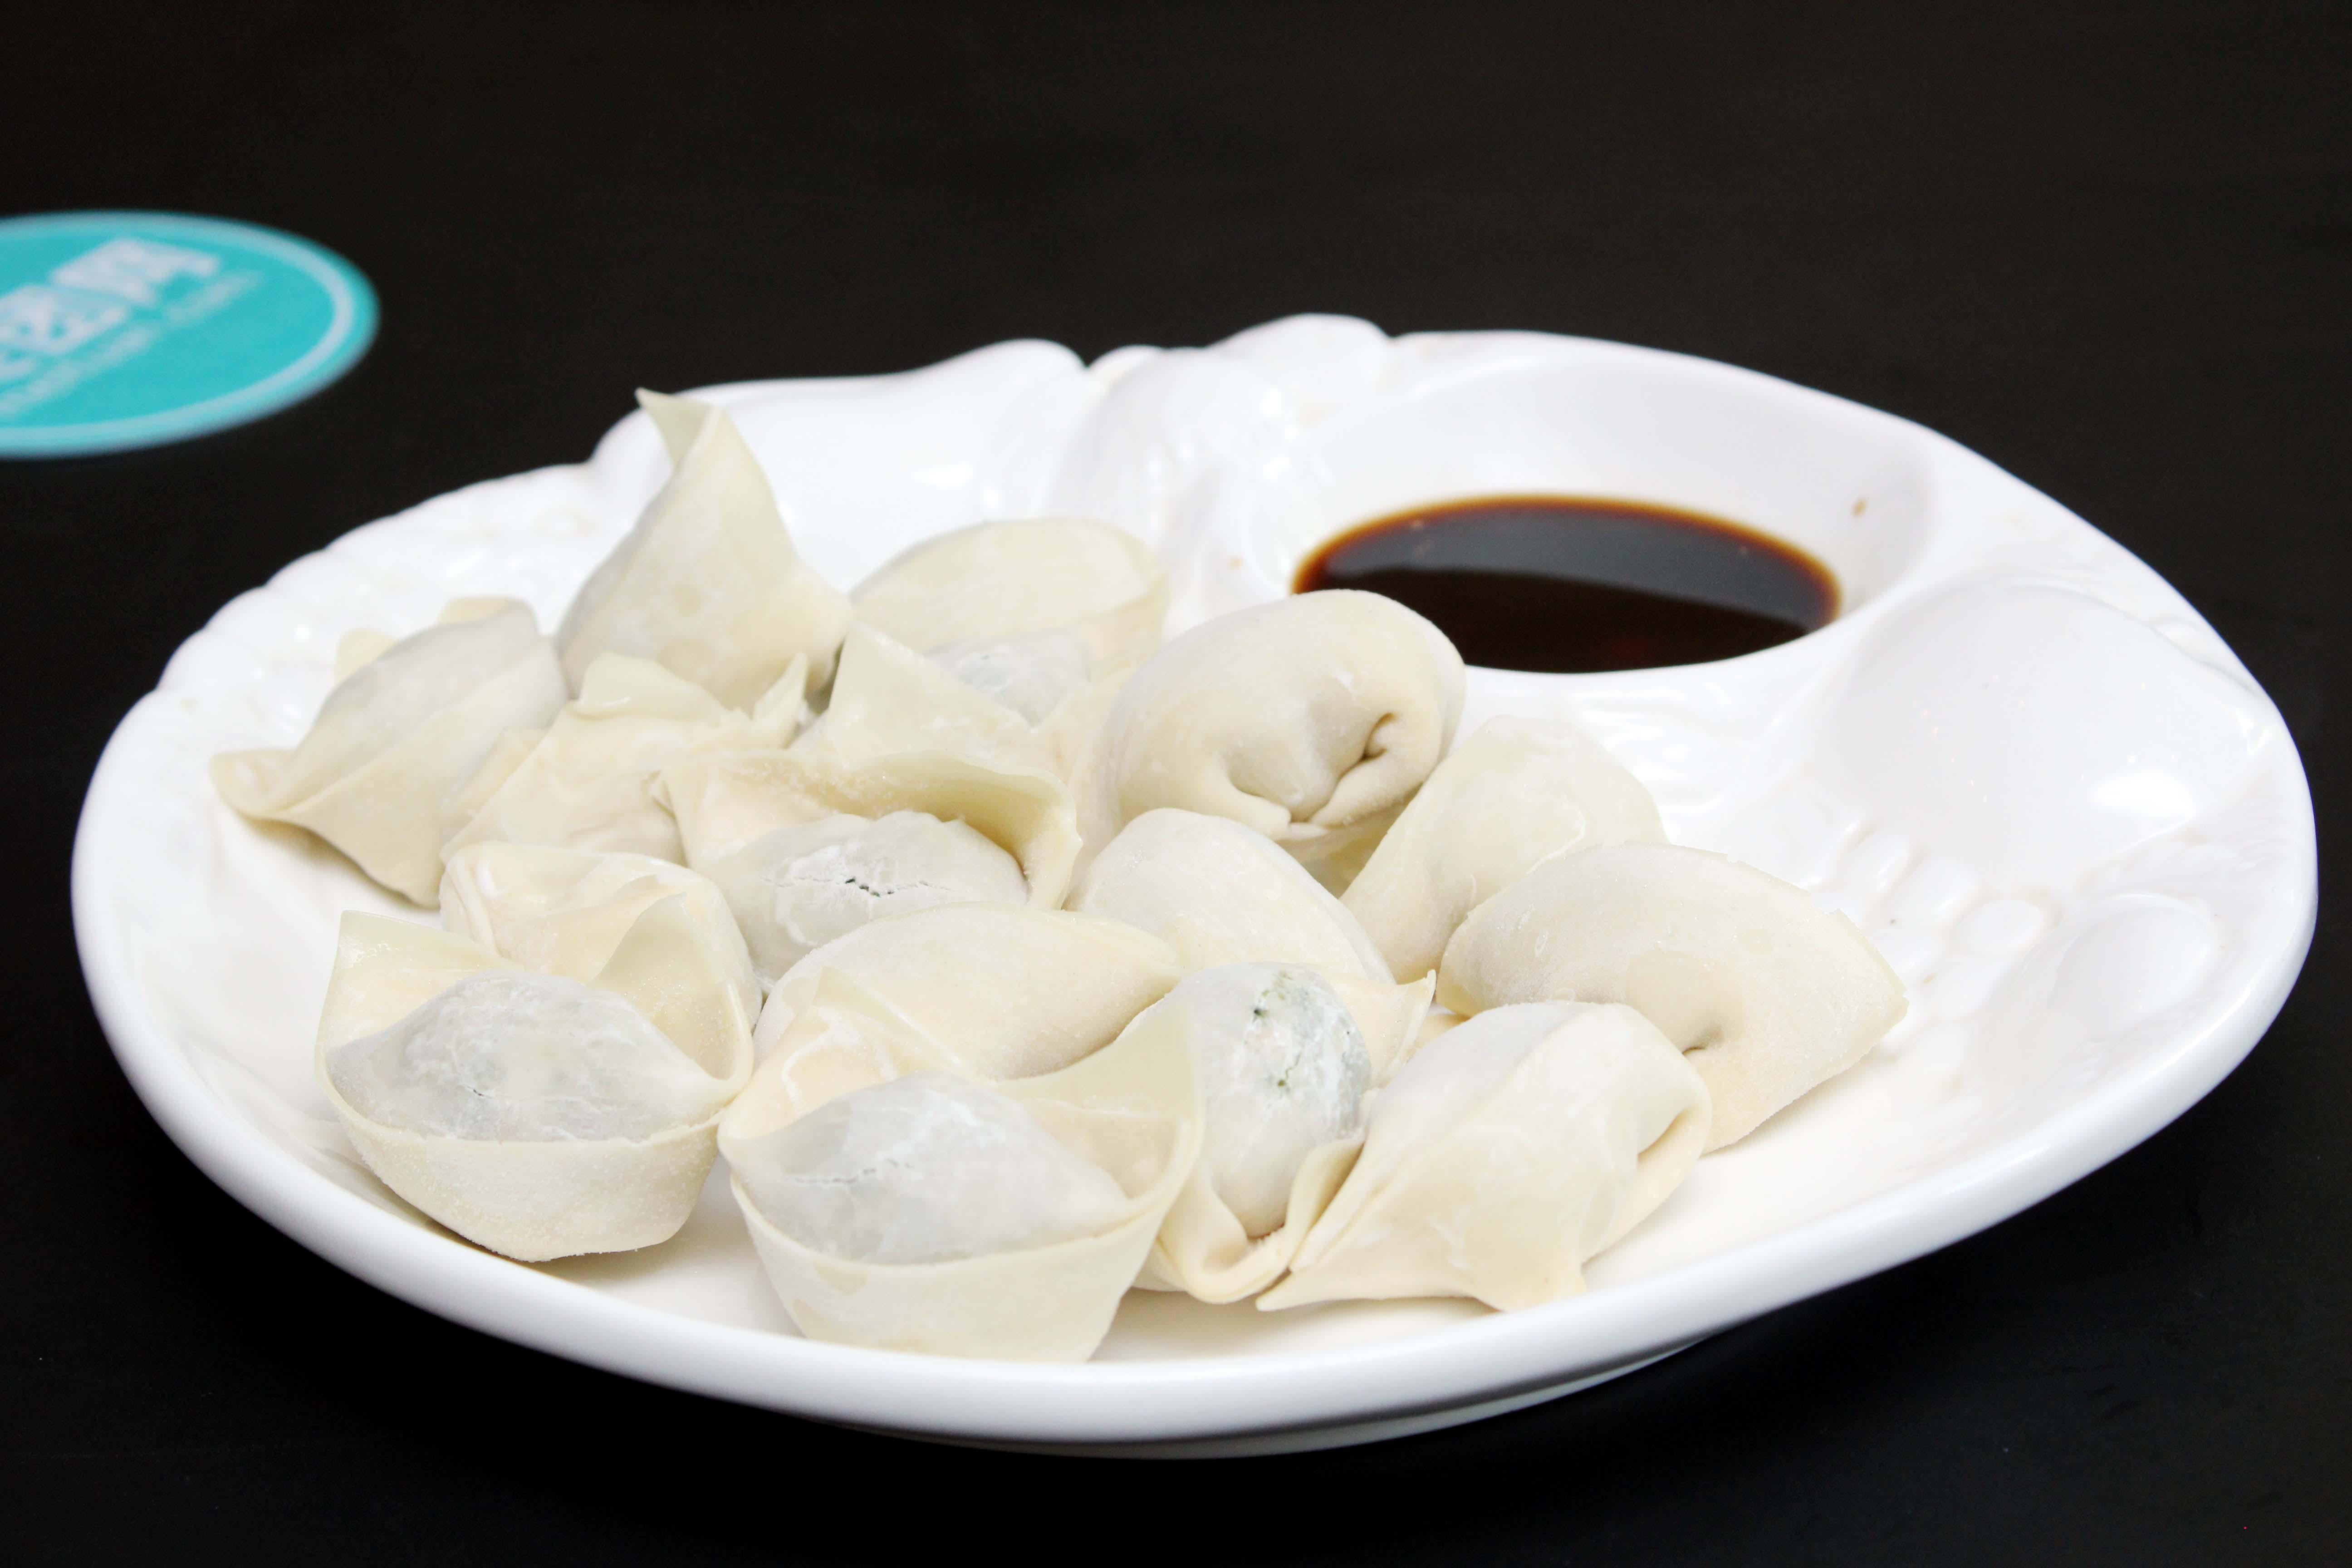 哈尔滨哪有教 饺子配方和制作方法的 我想学学 花钱学